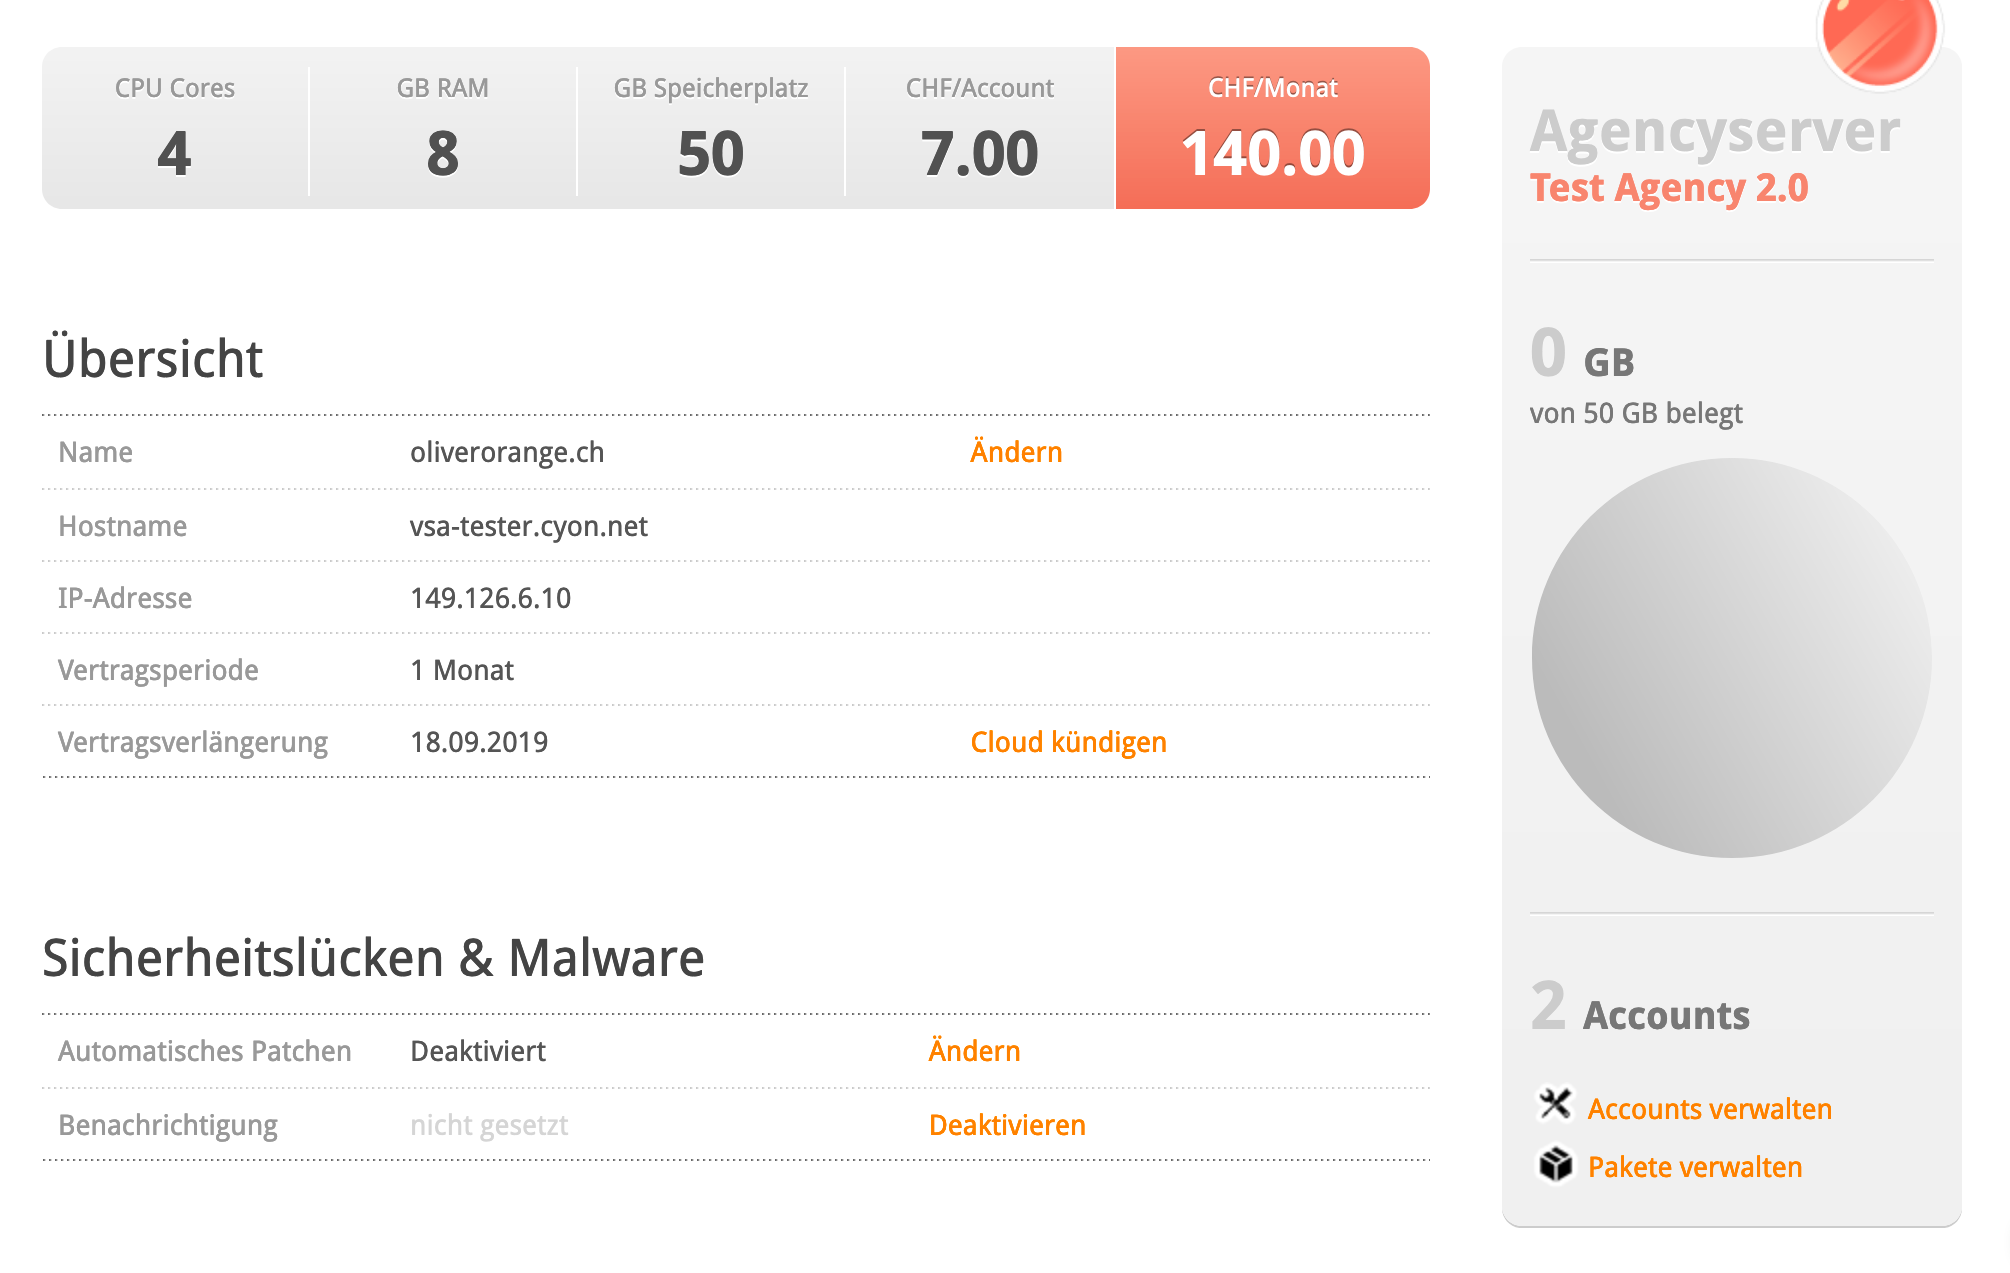 Sicherheitslücken & Malware